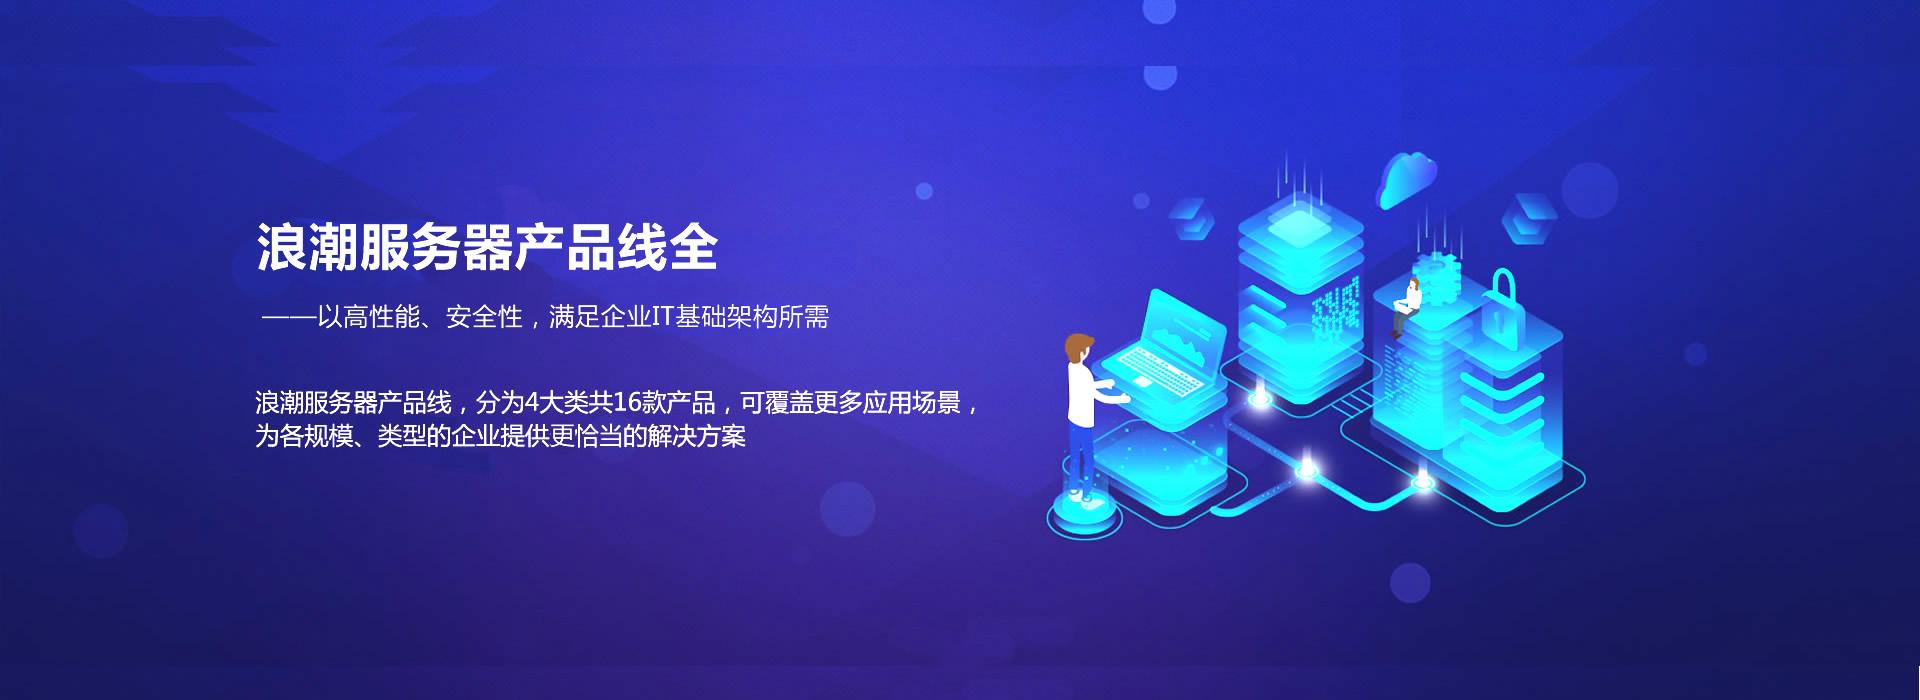 北京浪潮服务器经销商